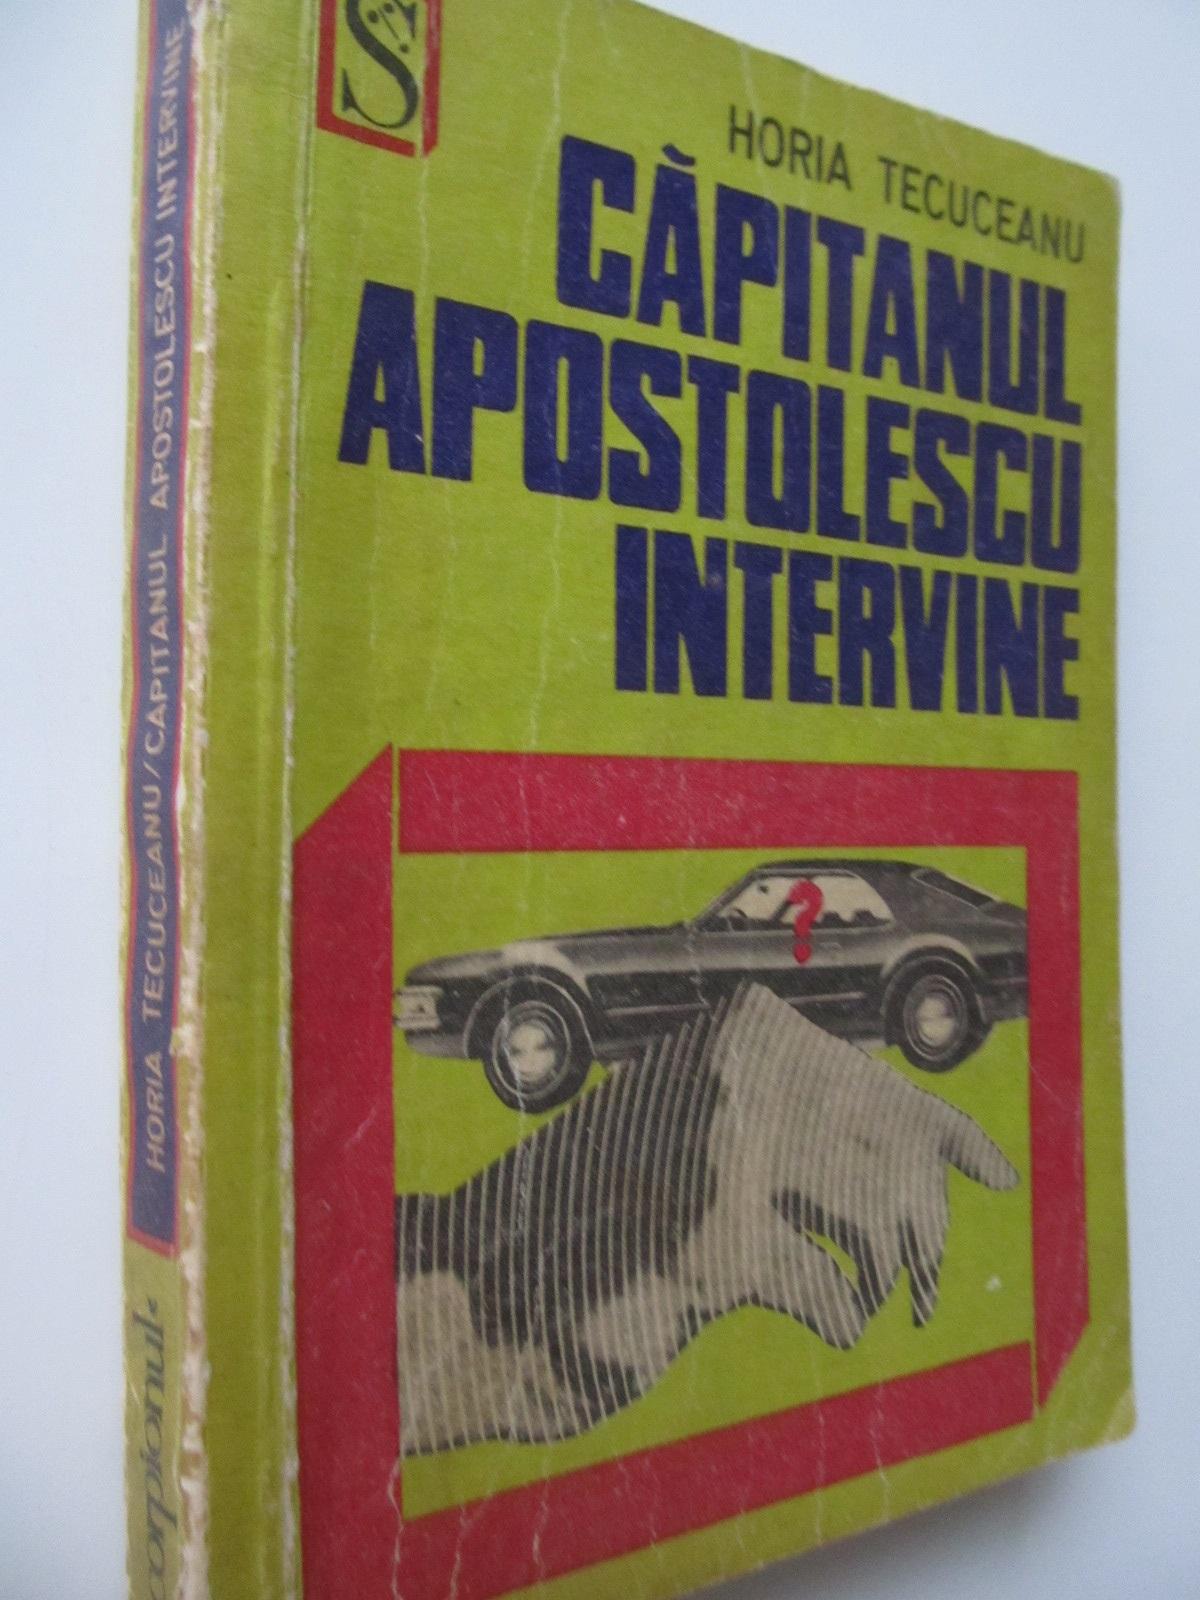 Capitanul Apostolescu intervine - Horia Tecuceanu   Detalii carte